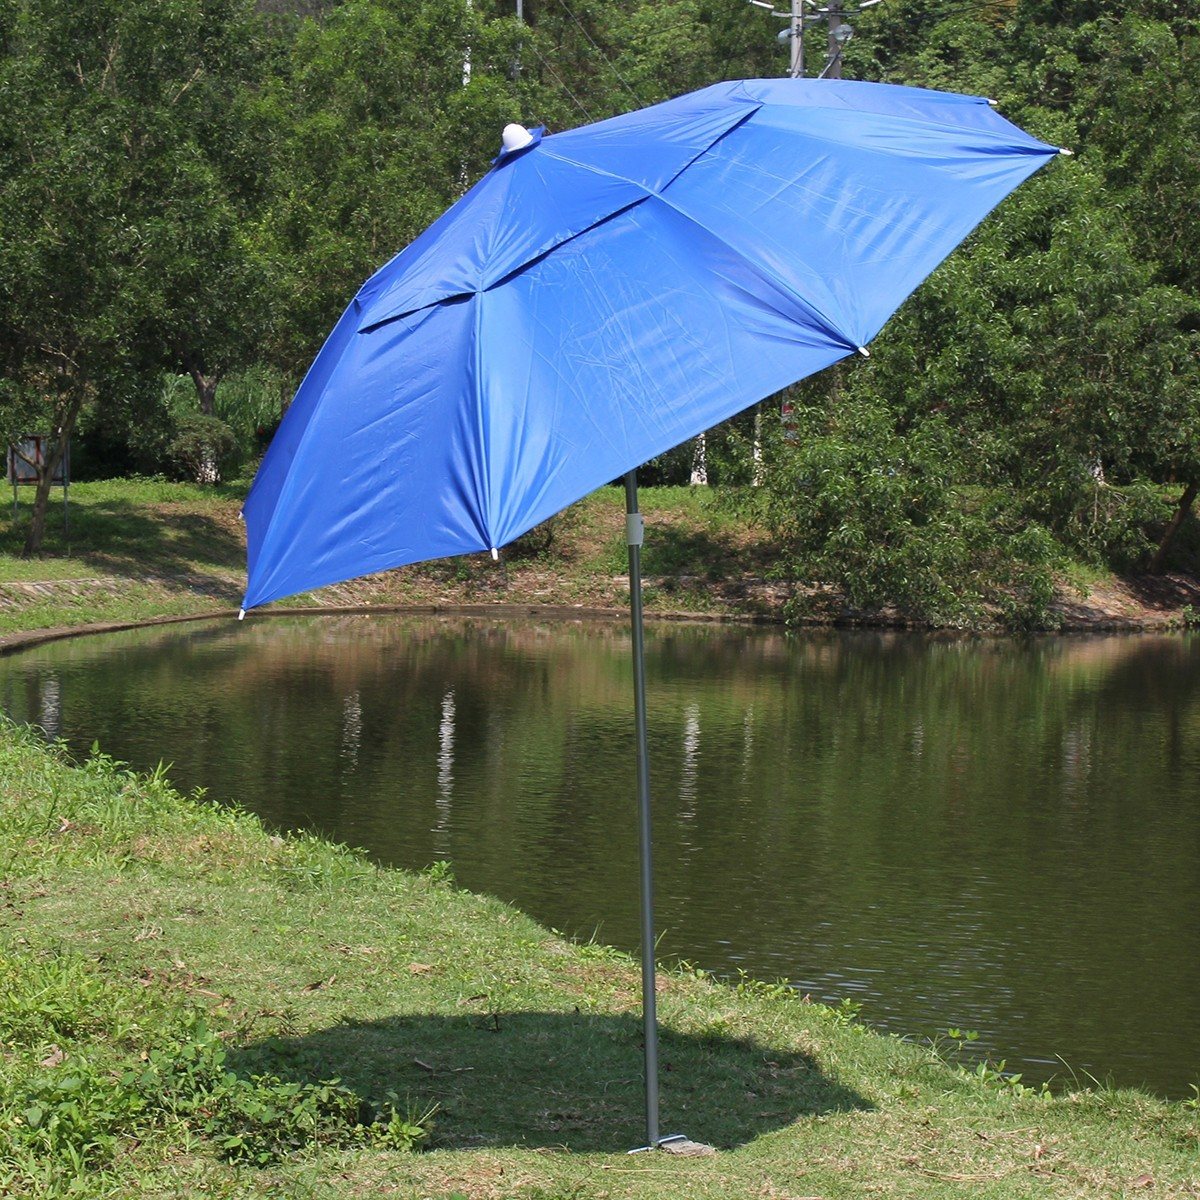 garden beach patio polyester umbrella tilt outdoor sun shade parasol cover crank. Black Bedroom Furniture Sets. Home Design Ideas